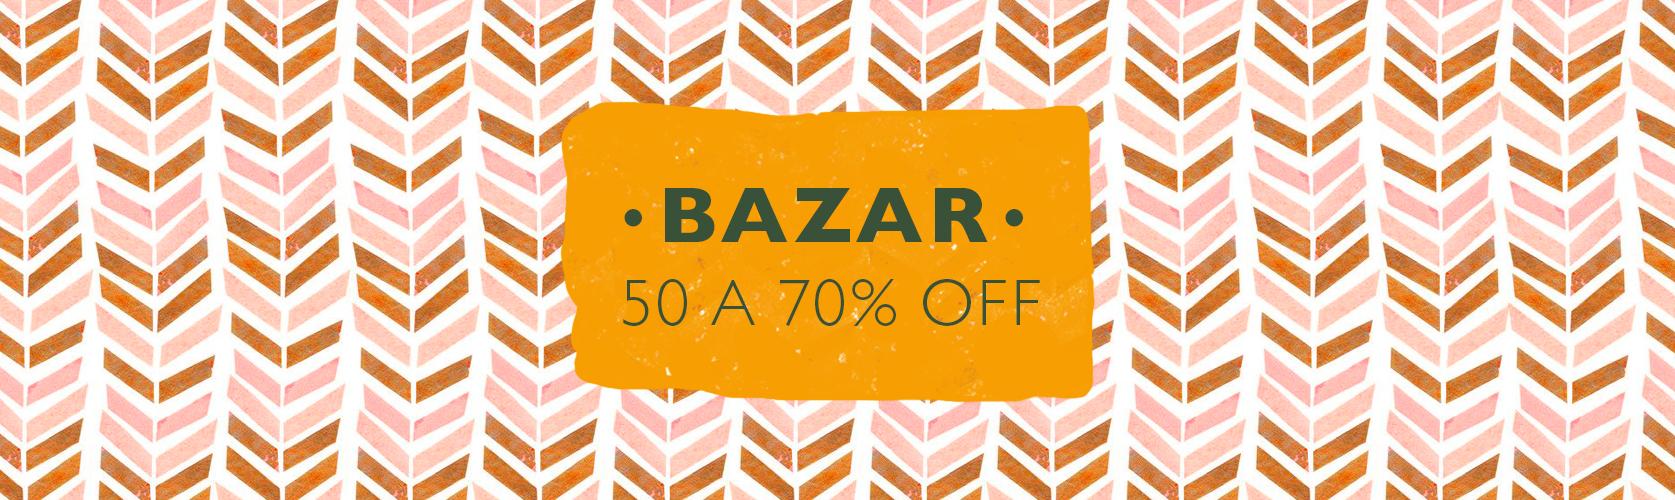 Melhor do Bazar 50% a 70% Off